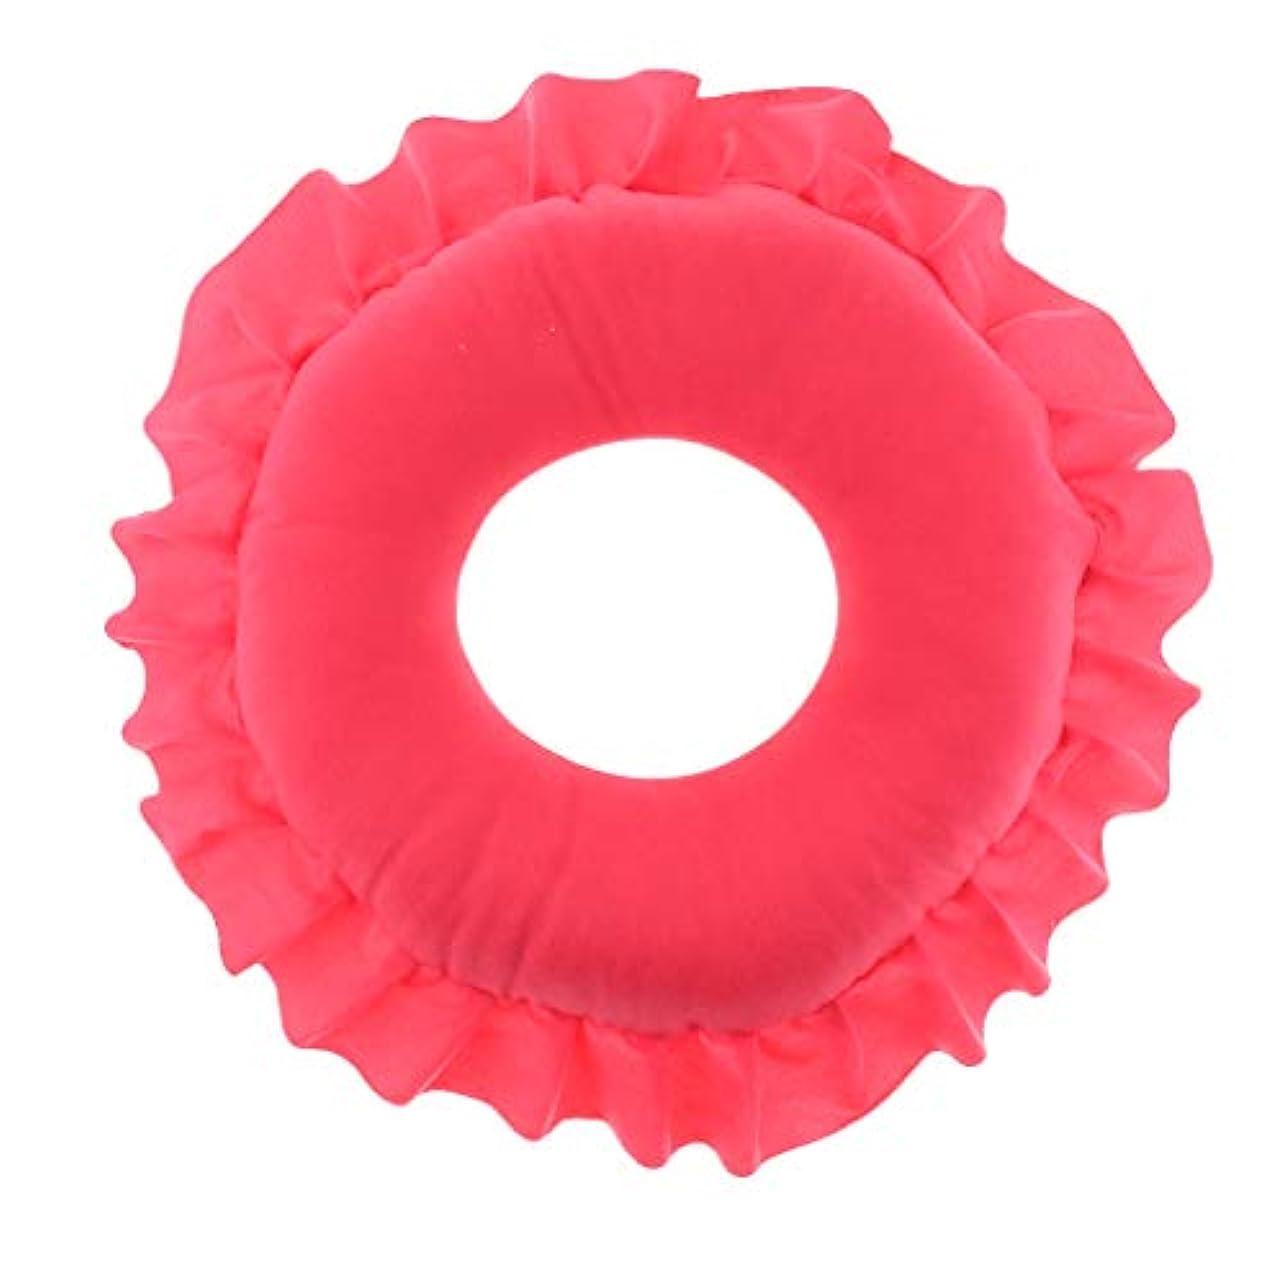 平和的うねる補足フェイス枕 顔枕 マッサージ枕 マッサージピロー 美容院 柔らかい 快適 洗える 全4色 - 赤